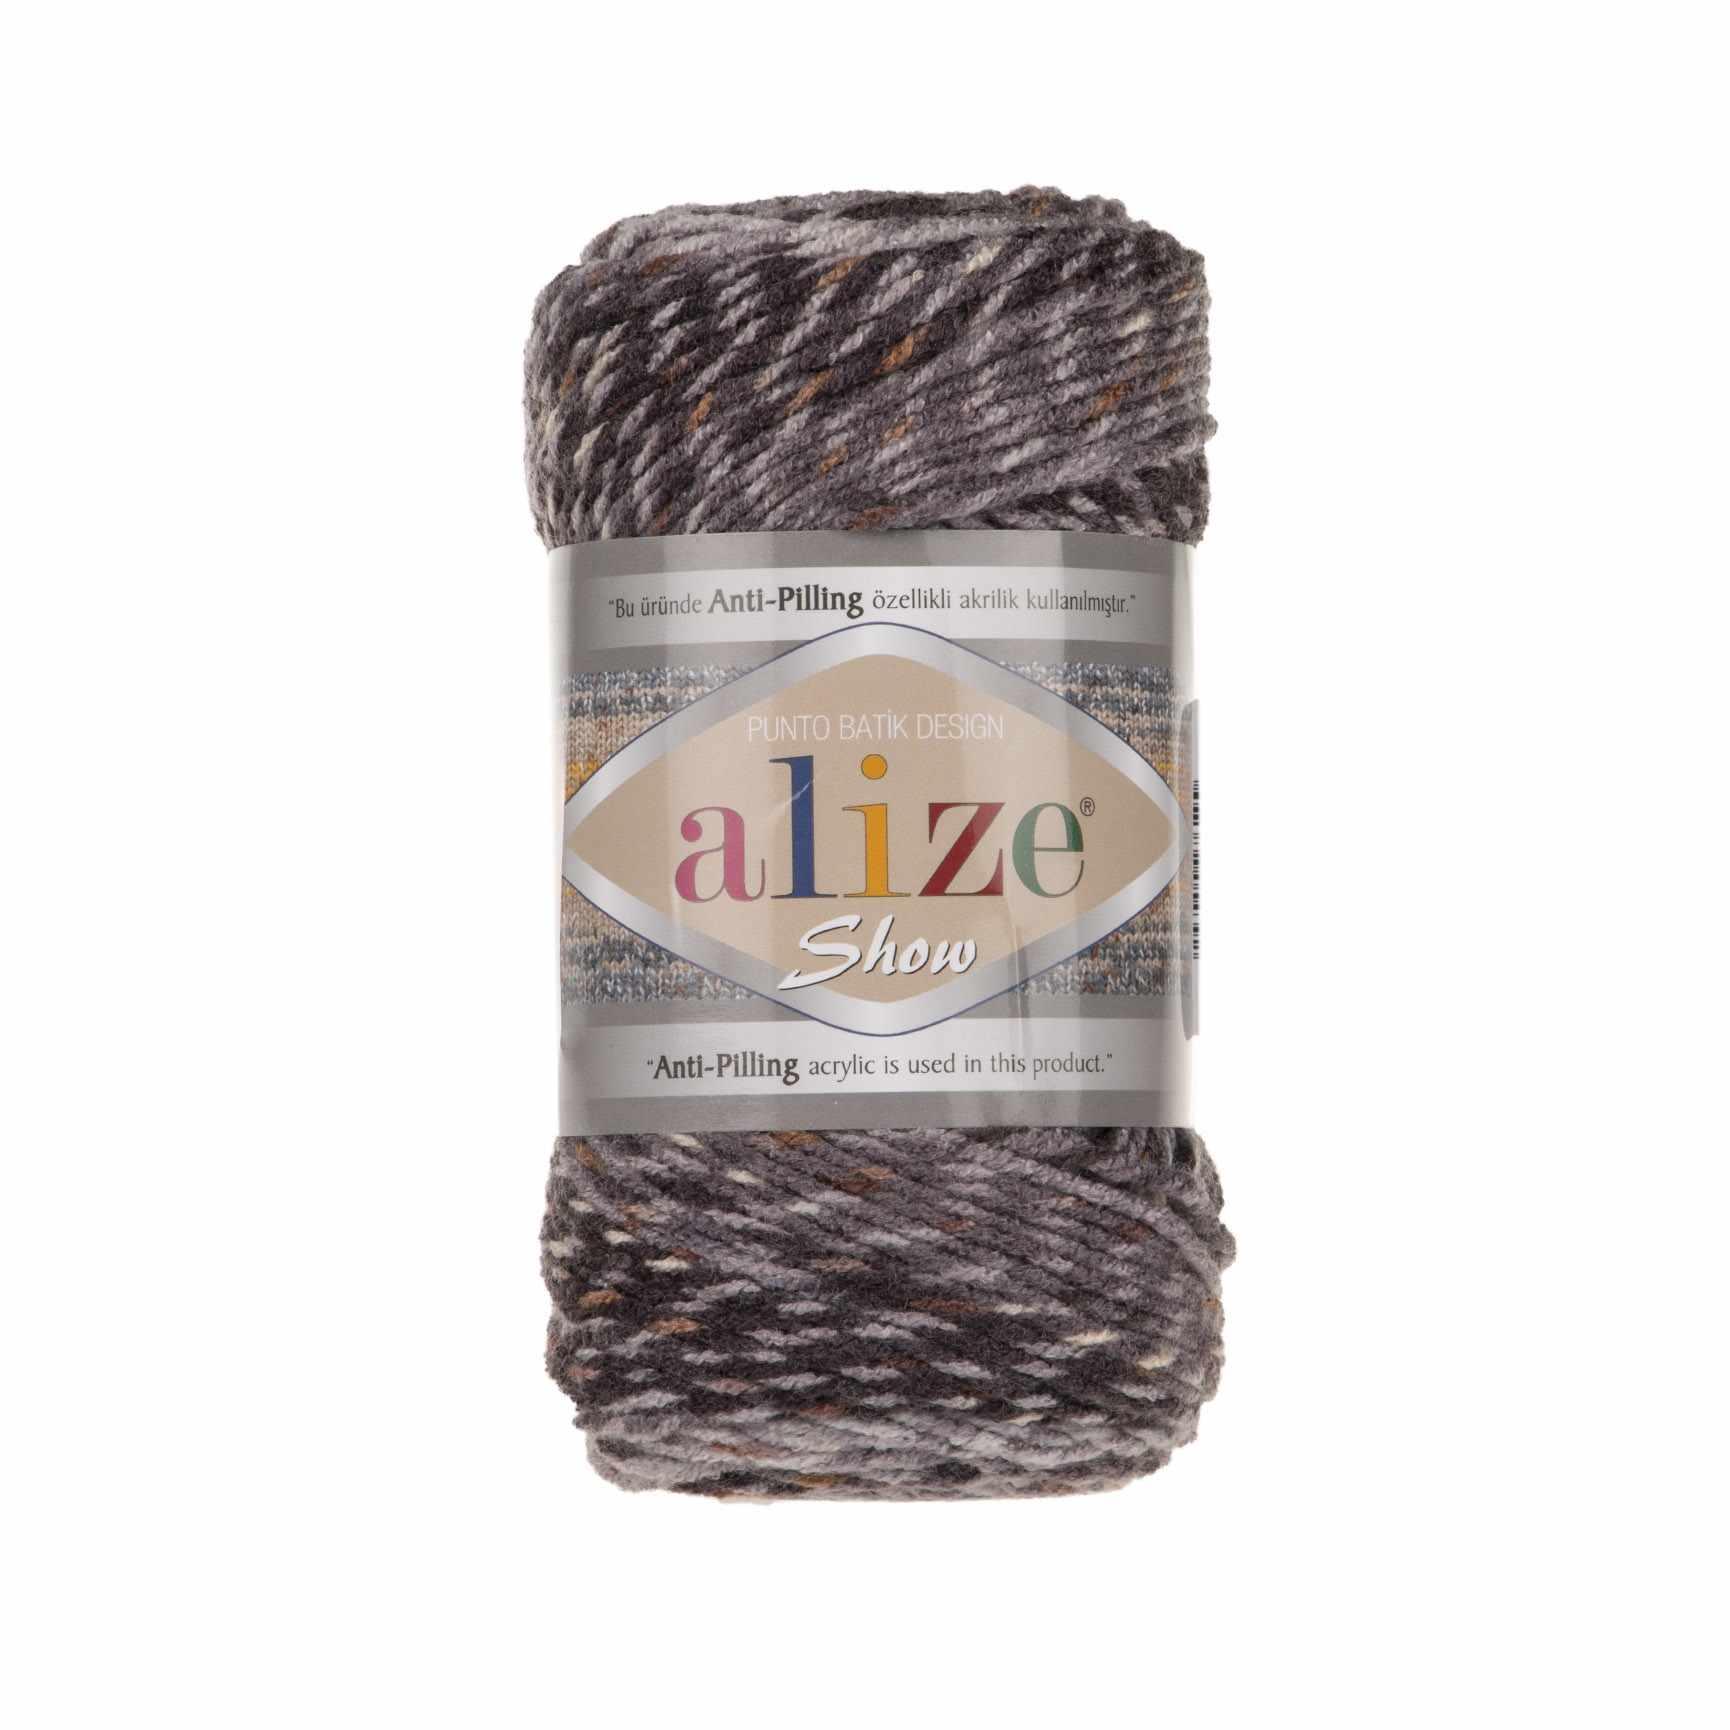 Пряжа Alize SHOW PUNTOBATIKDESIGN Цвет.6356 Серый